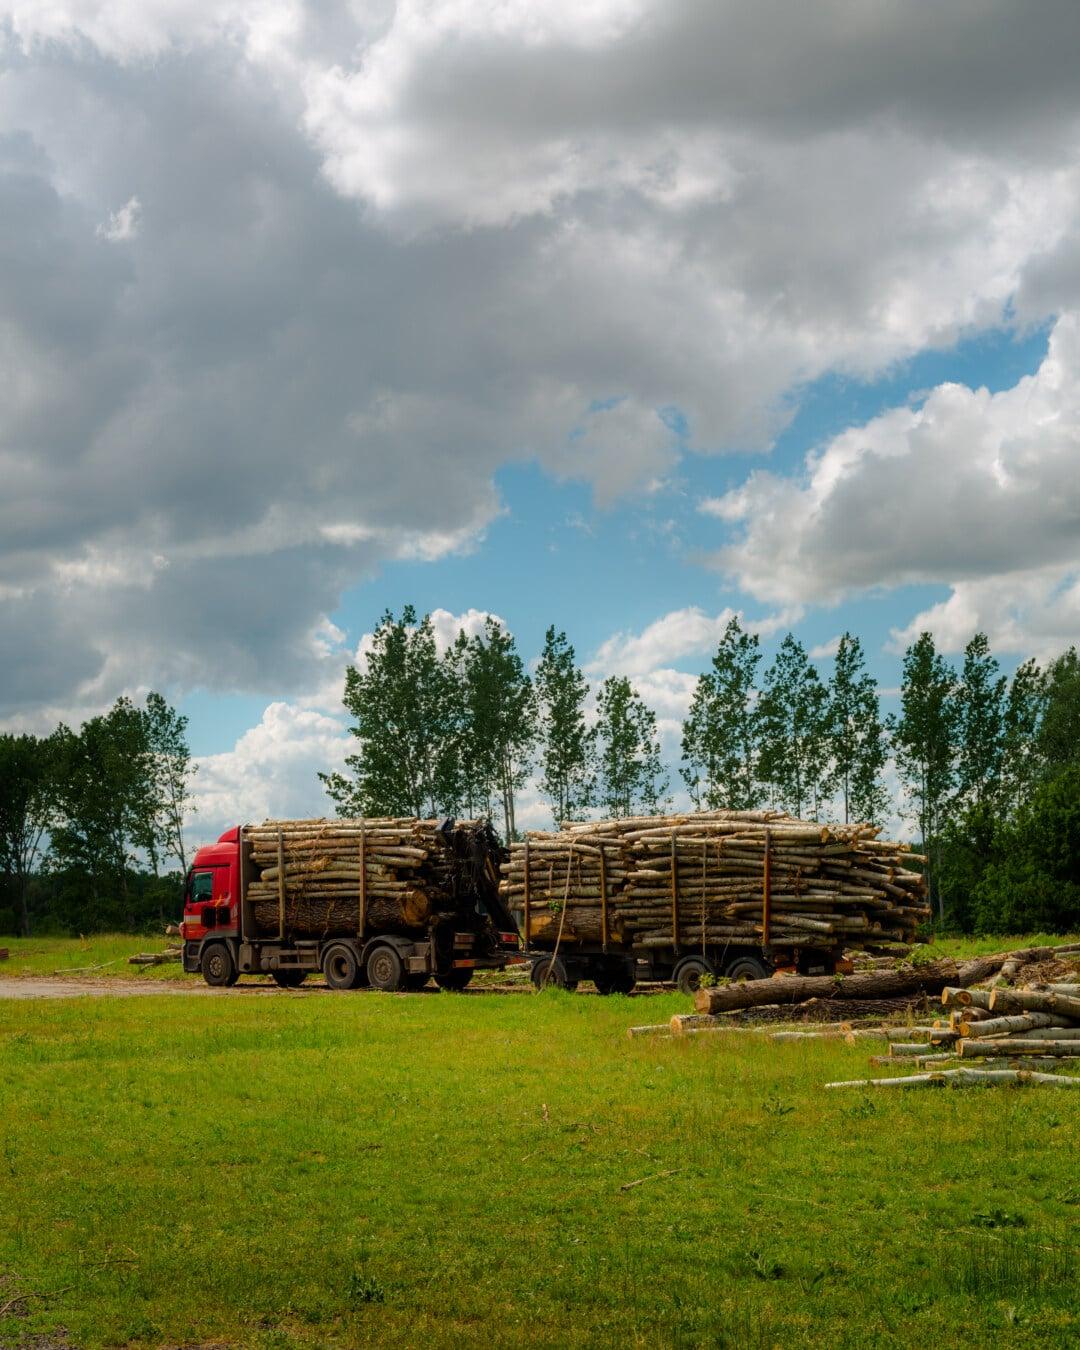 LKW, groß, Transport, Holz, Branche, Fahrzeug, Struktur, im freien, Natur, Struktur